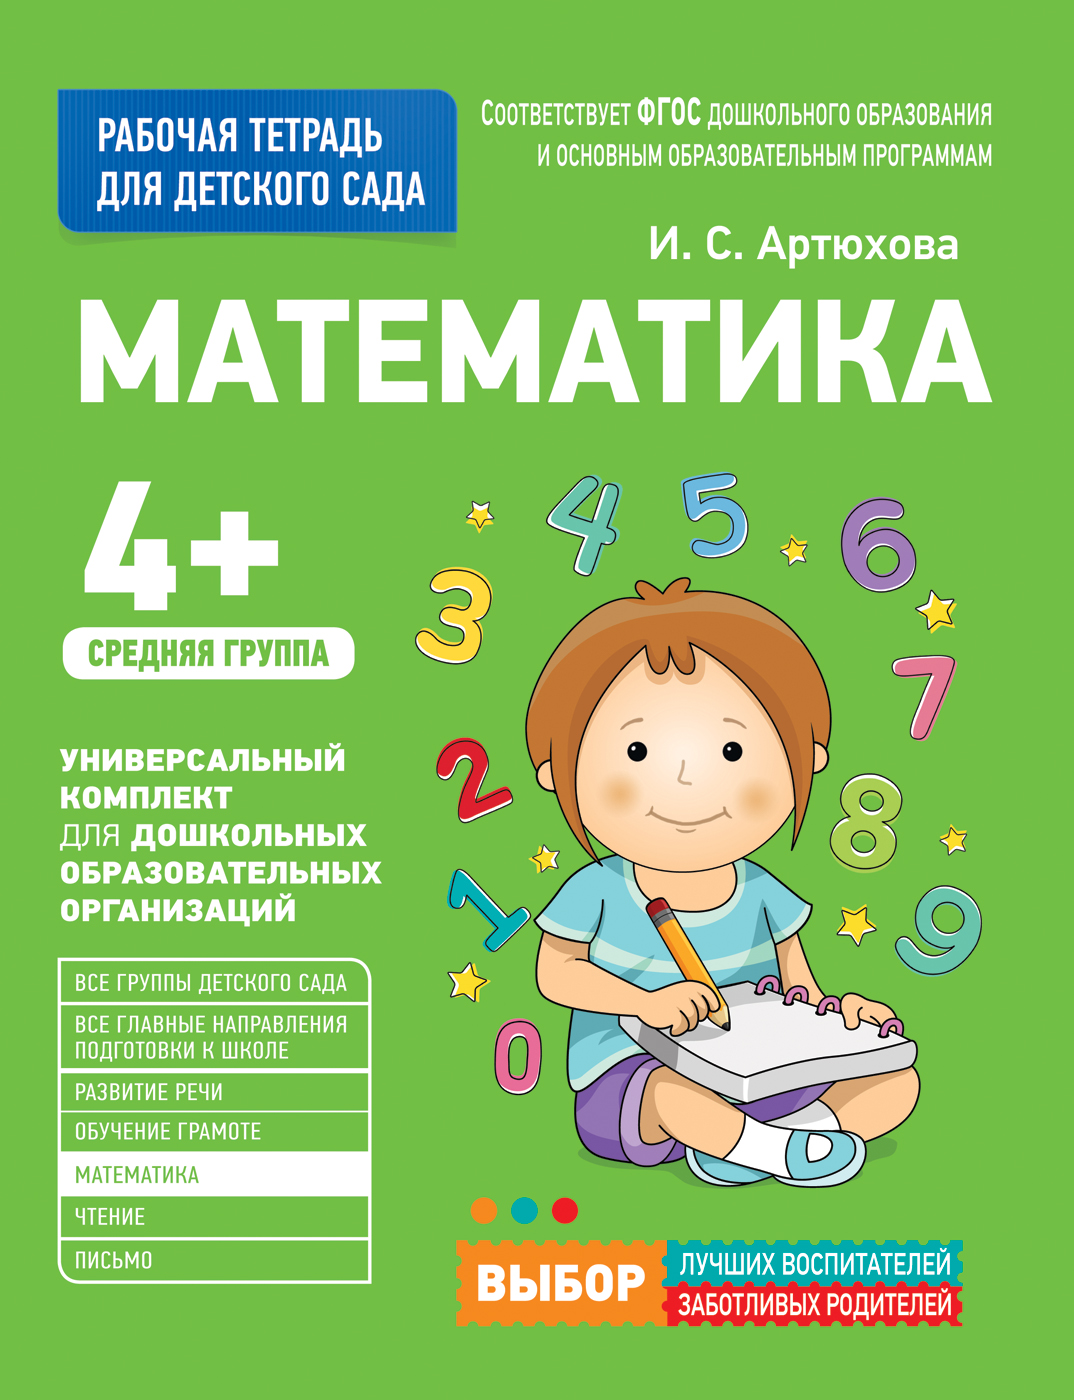 Артюхова И. С. Для детского сада. Математика. Средняя группа. Рабочая тетрадь